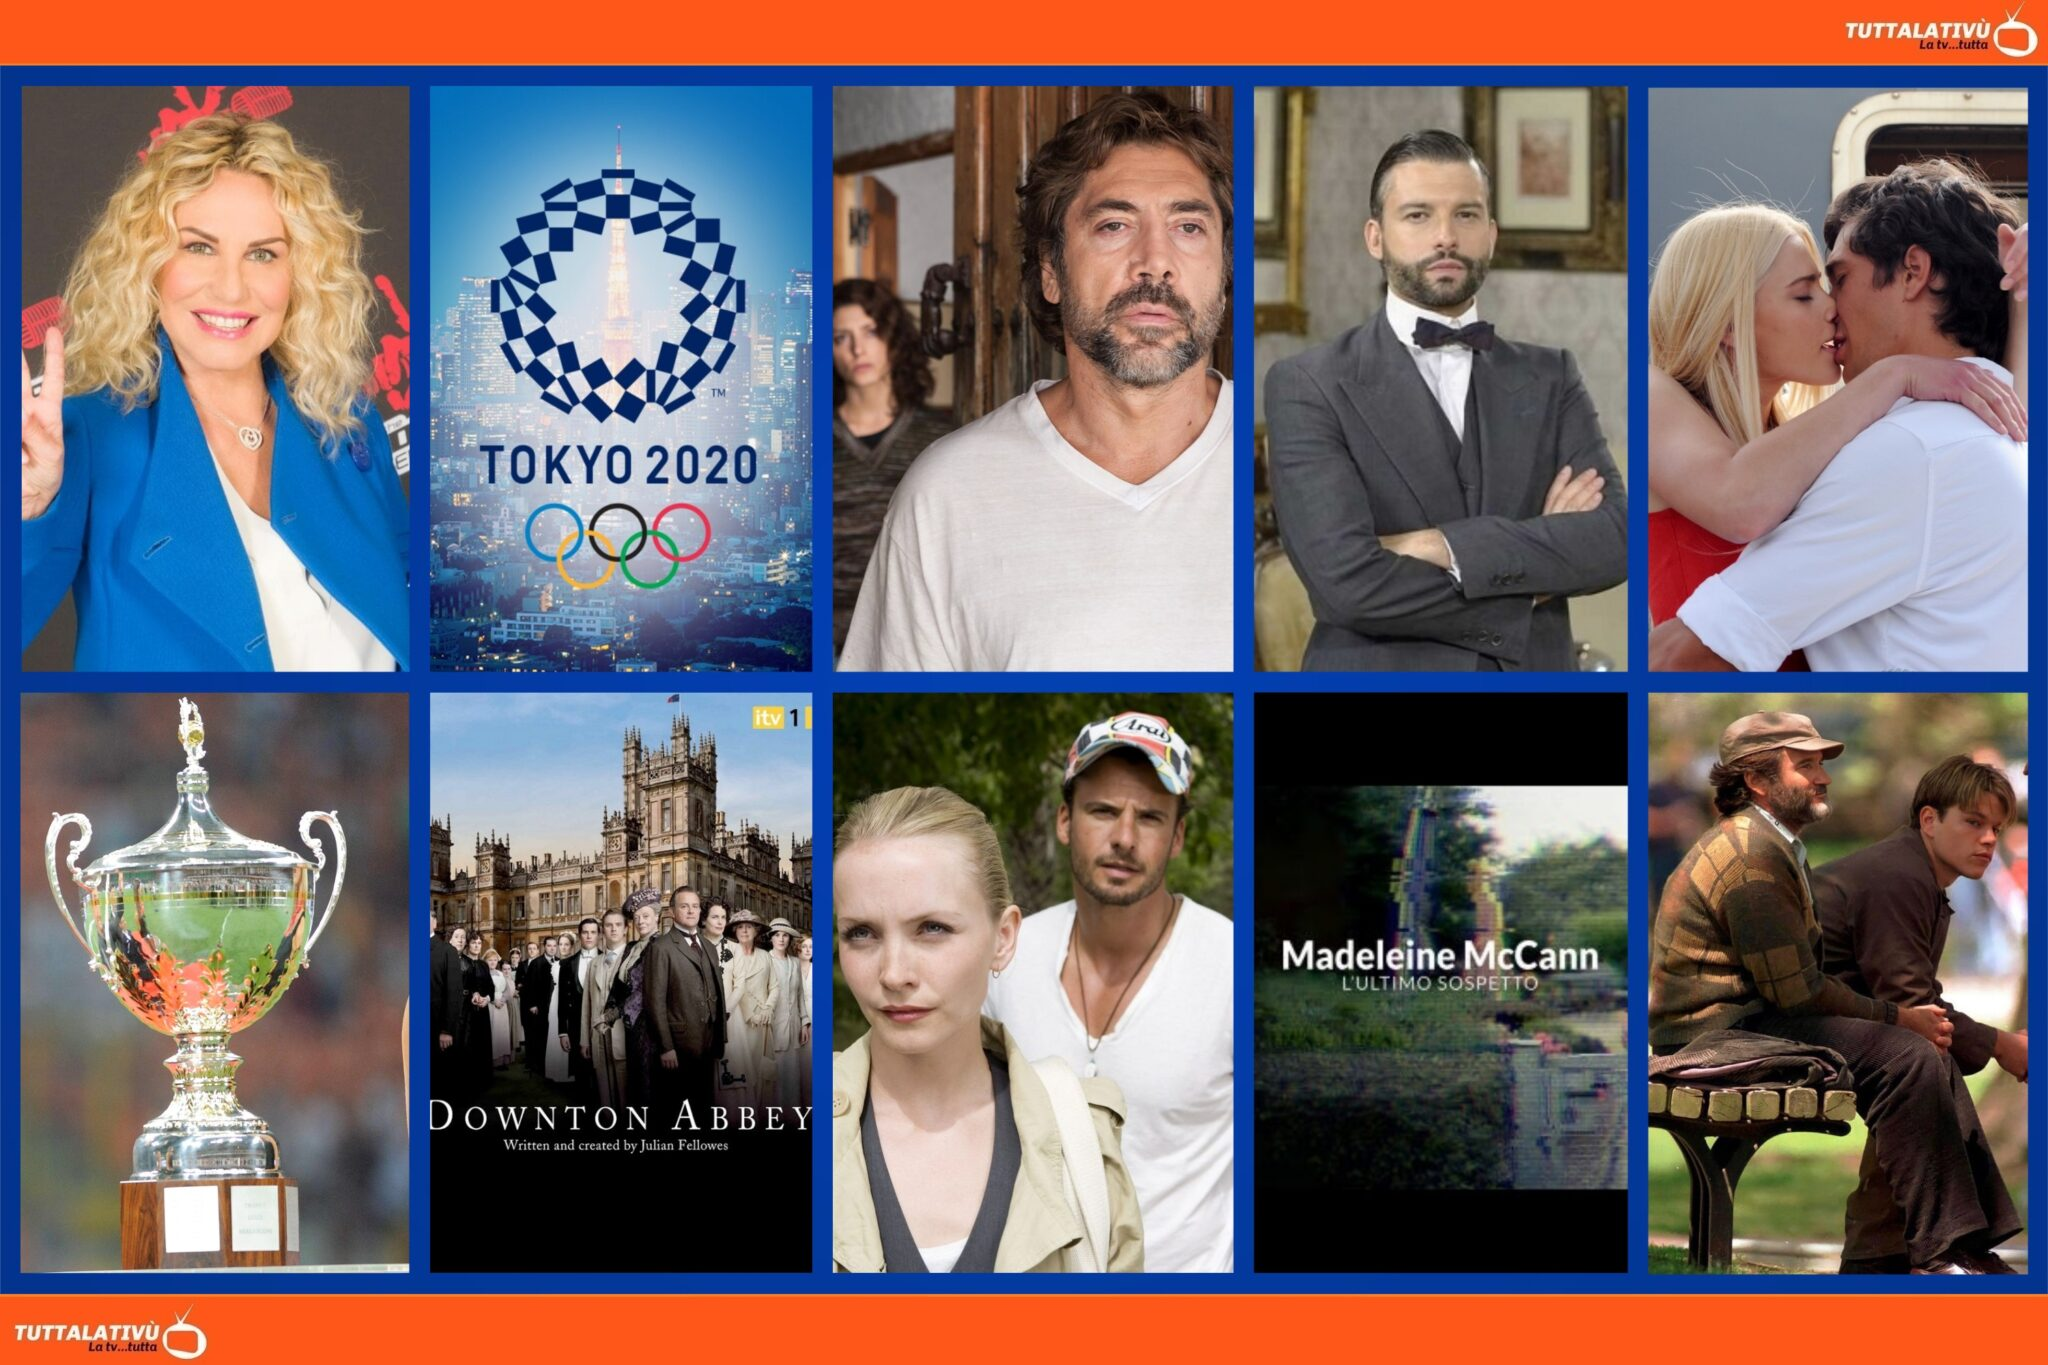 GuidaTV 31 Luglio 2021: Tokyo 2020, The Voice Senior, Sapore di te, Trofeo Luigi Berlusconi, Una Vita, Tutti lo sanno, Dowton Abbey, Will Hunting